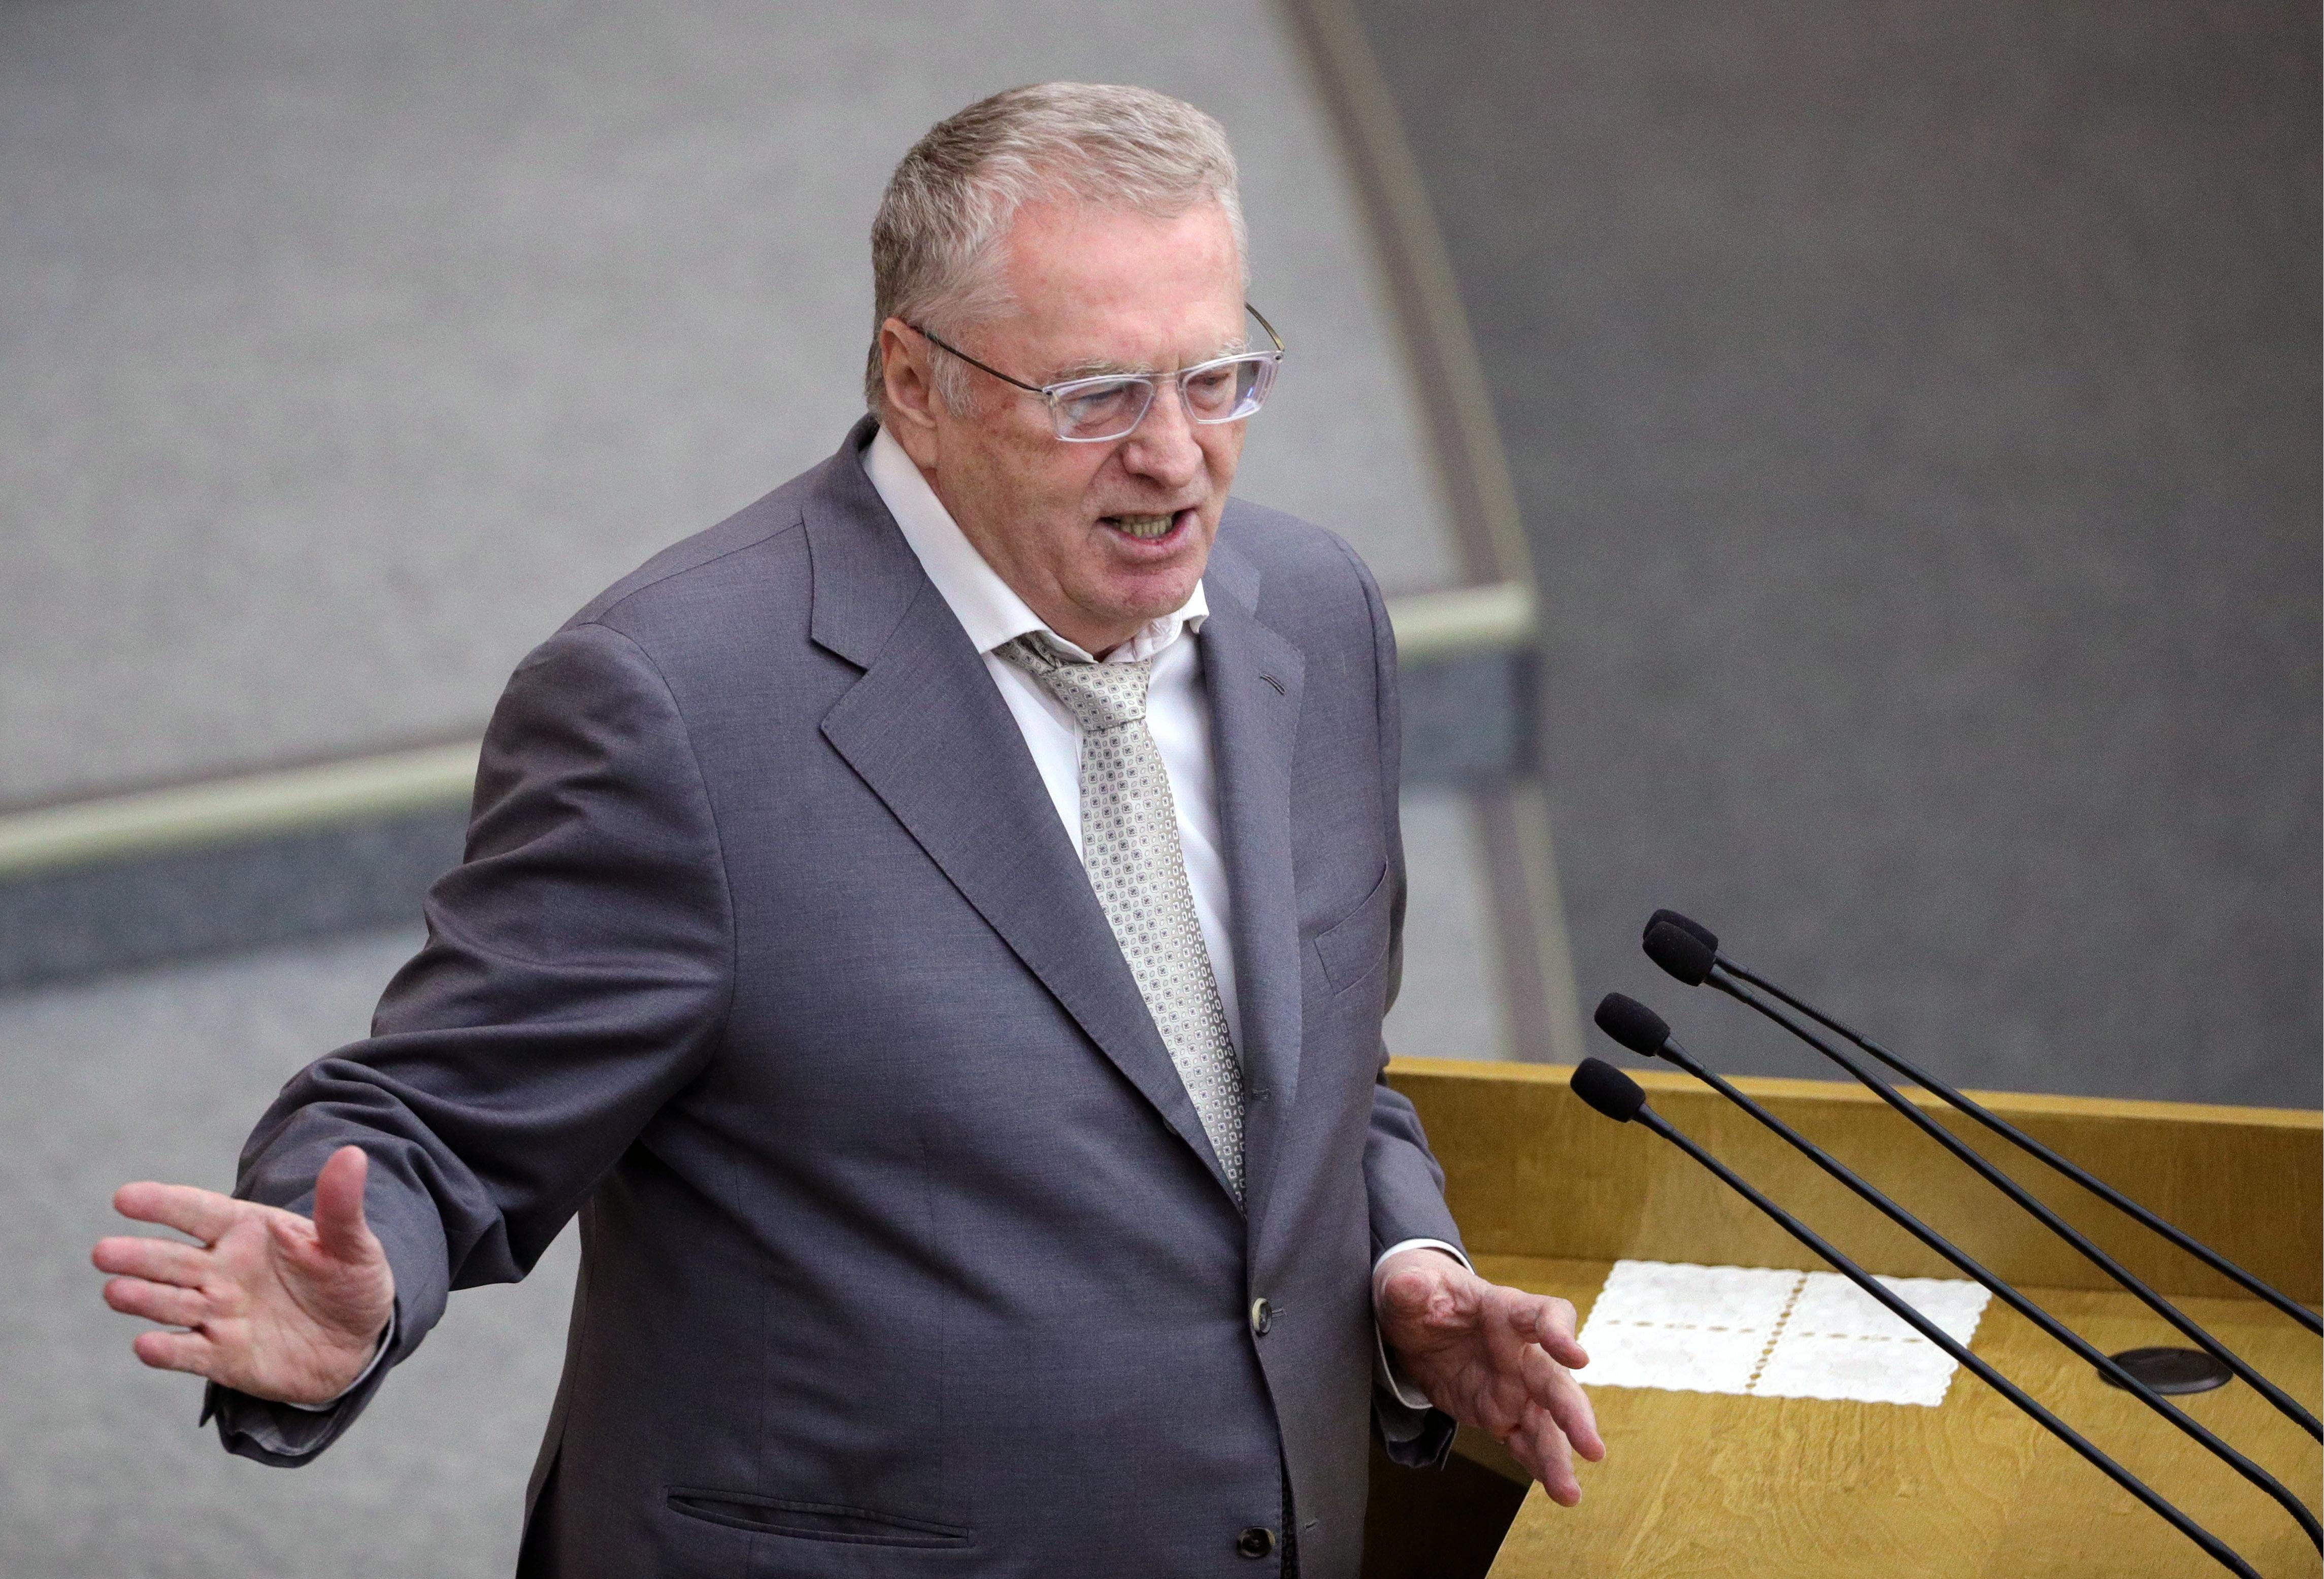 Ein russischer Abgeordneter fordert von der EU eine Billion Euro – der Grund liegt 100 Jahre